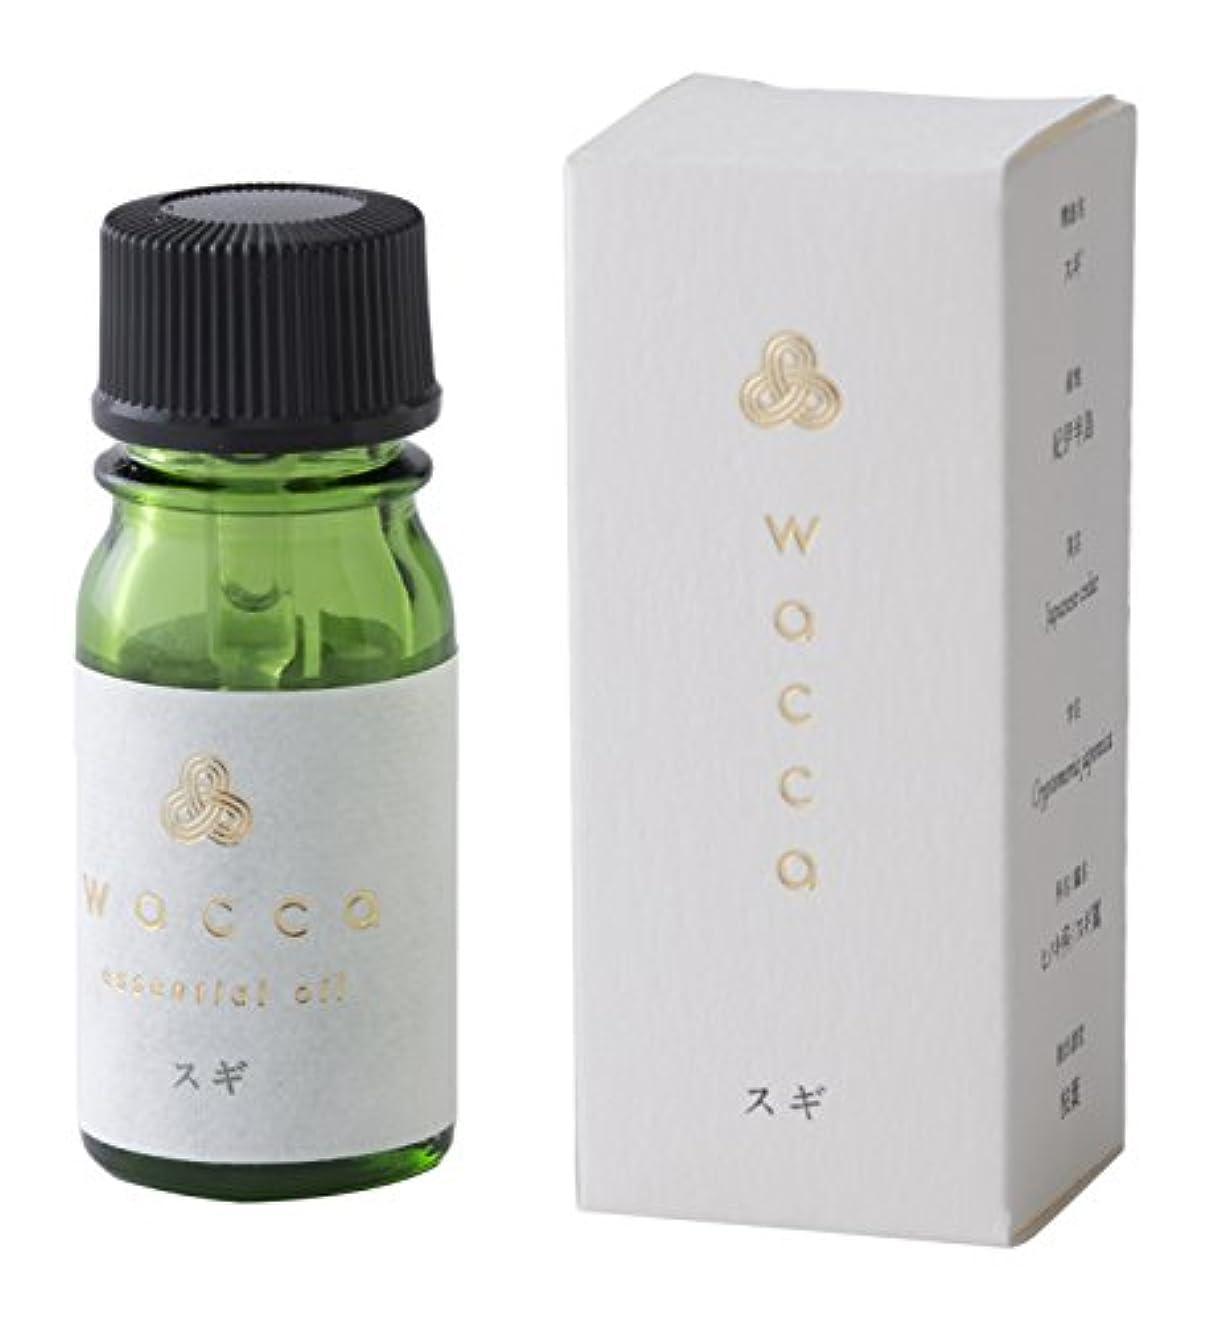 前者直接素朴なwacca ワッカ エッセンシャルオイル 5ml 杉 スギ Japanese cedar essential oil 和精油 KUSU HANDMADE